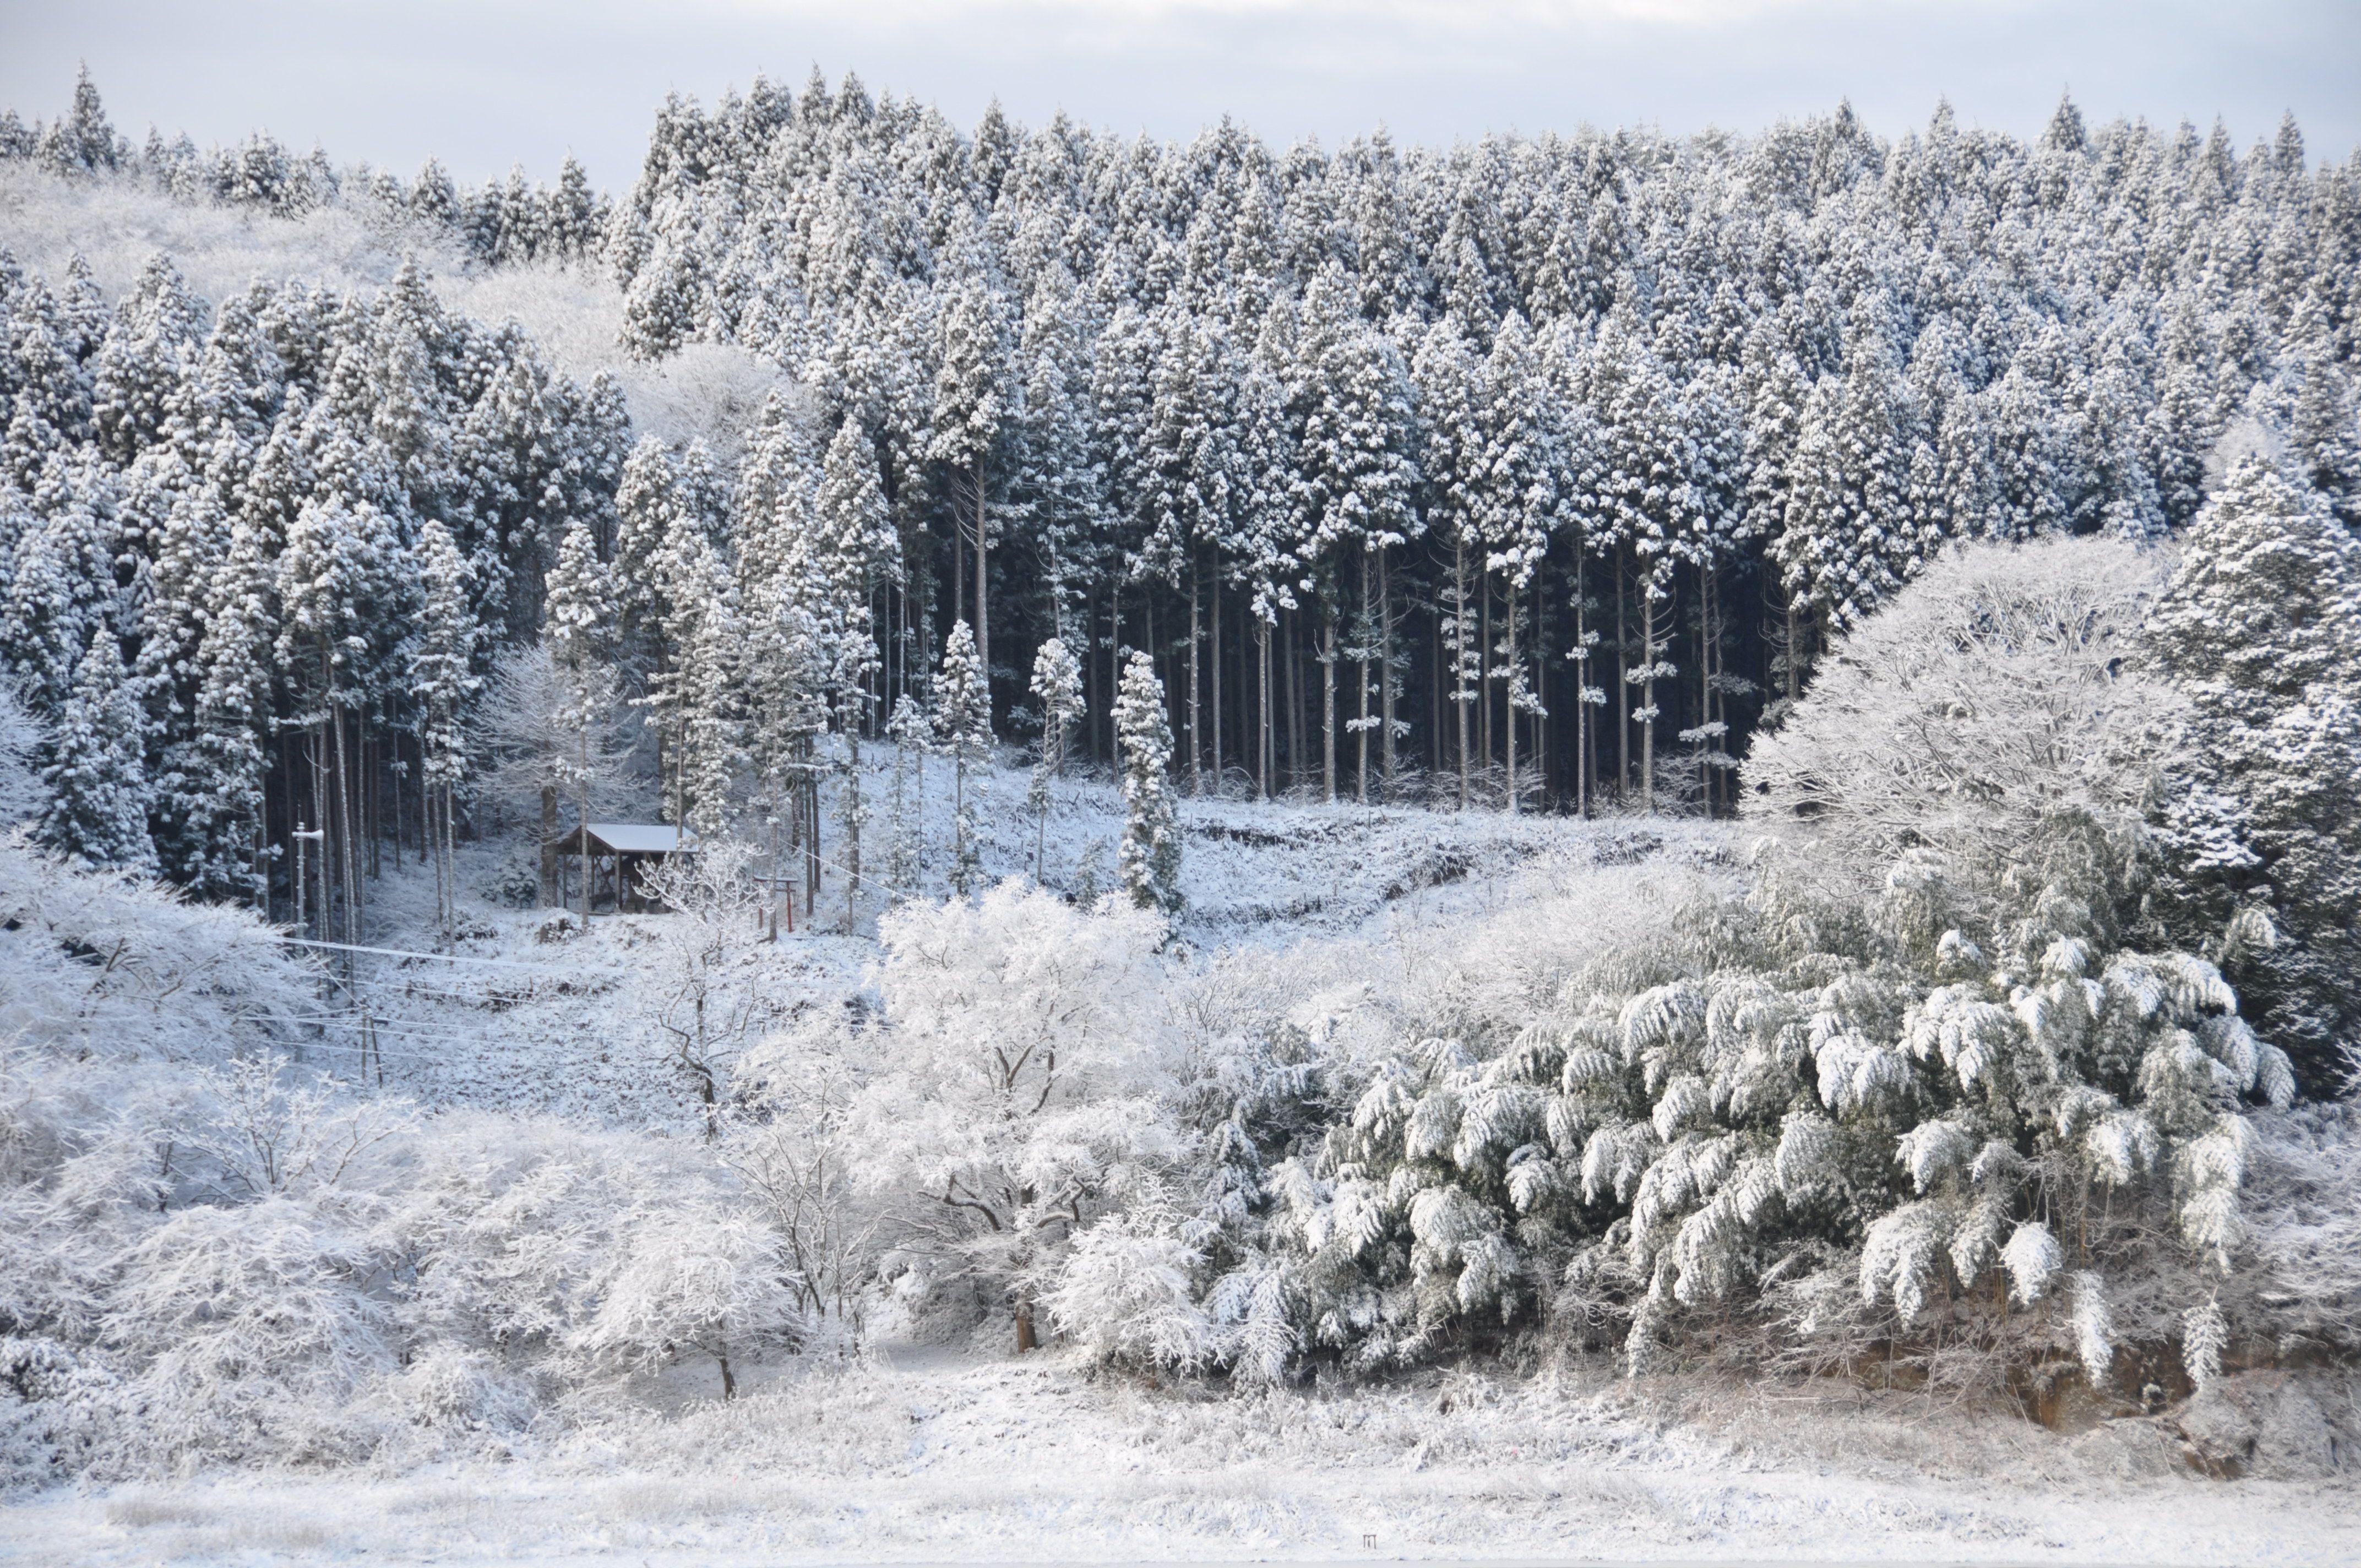 冬の静寂が花山を包みます。